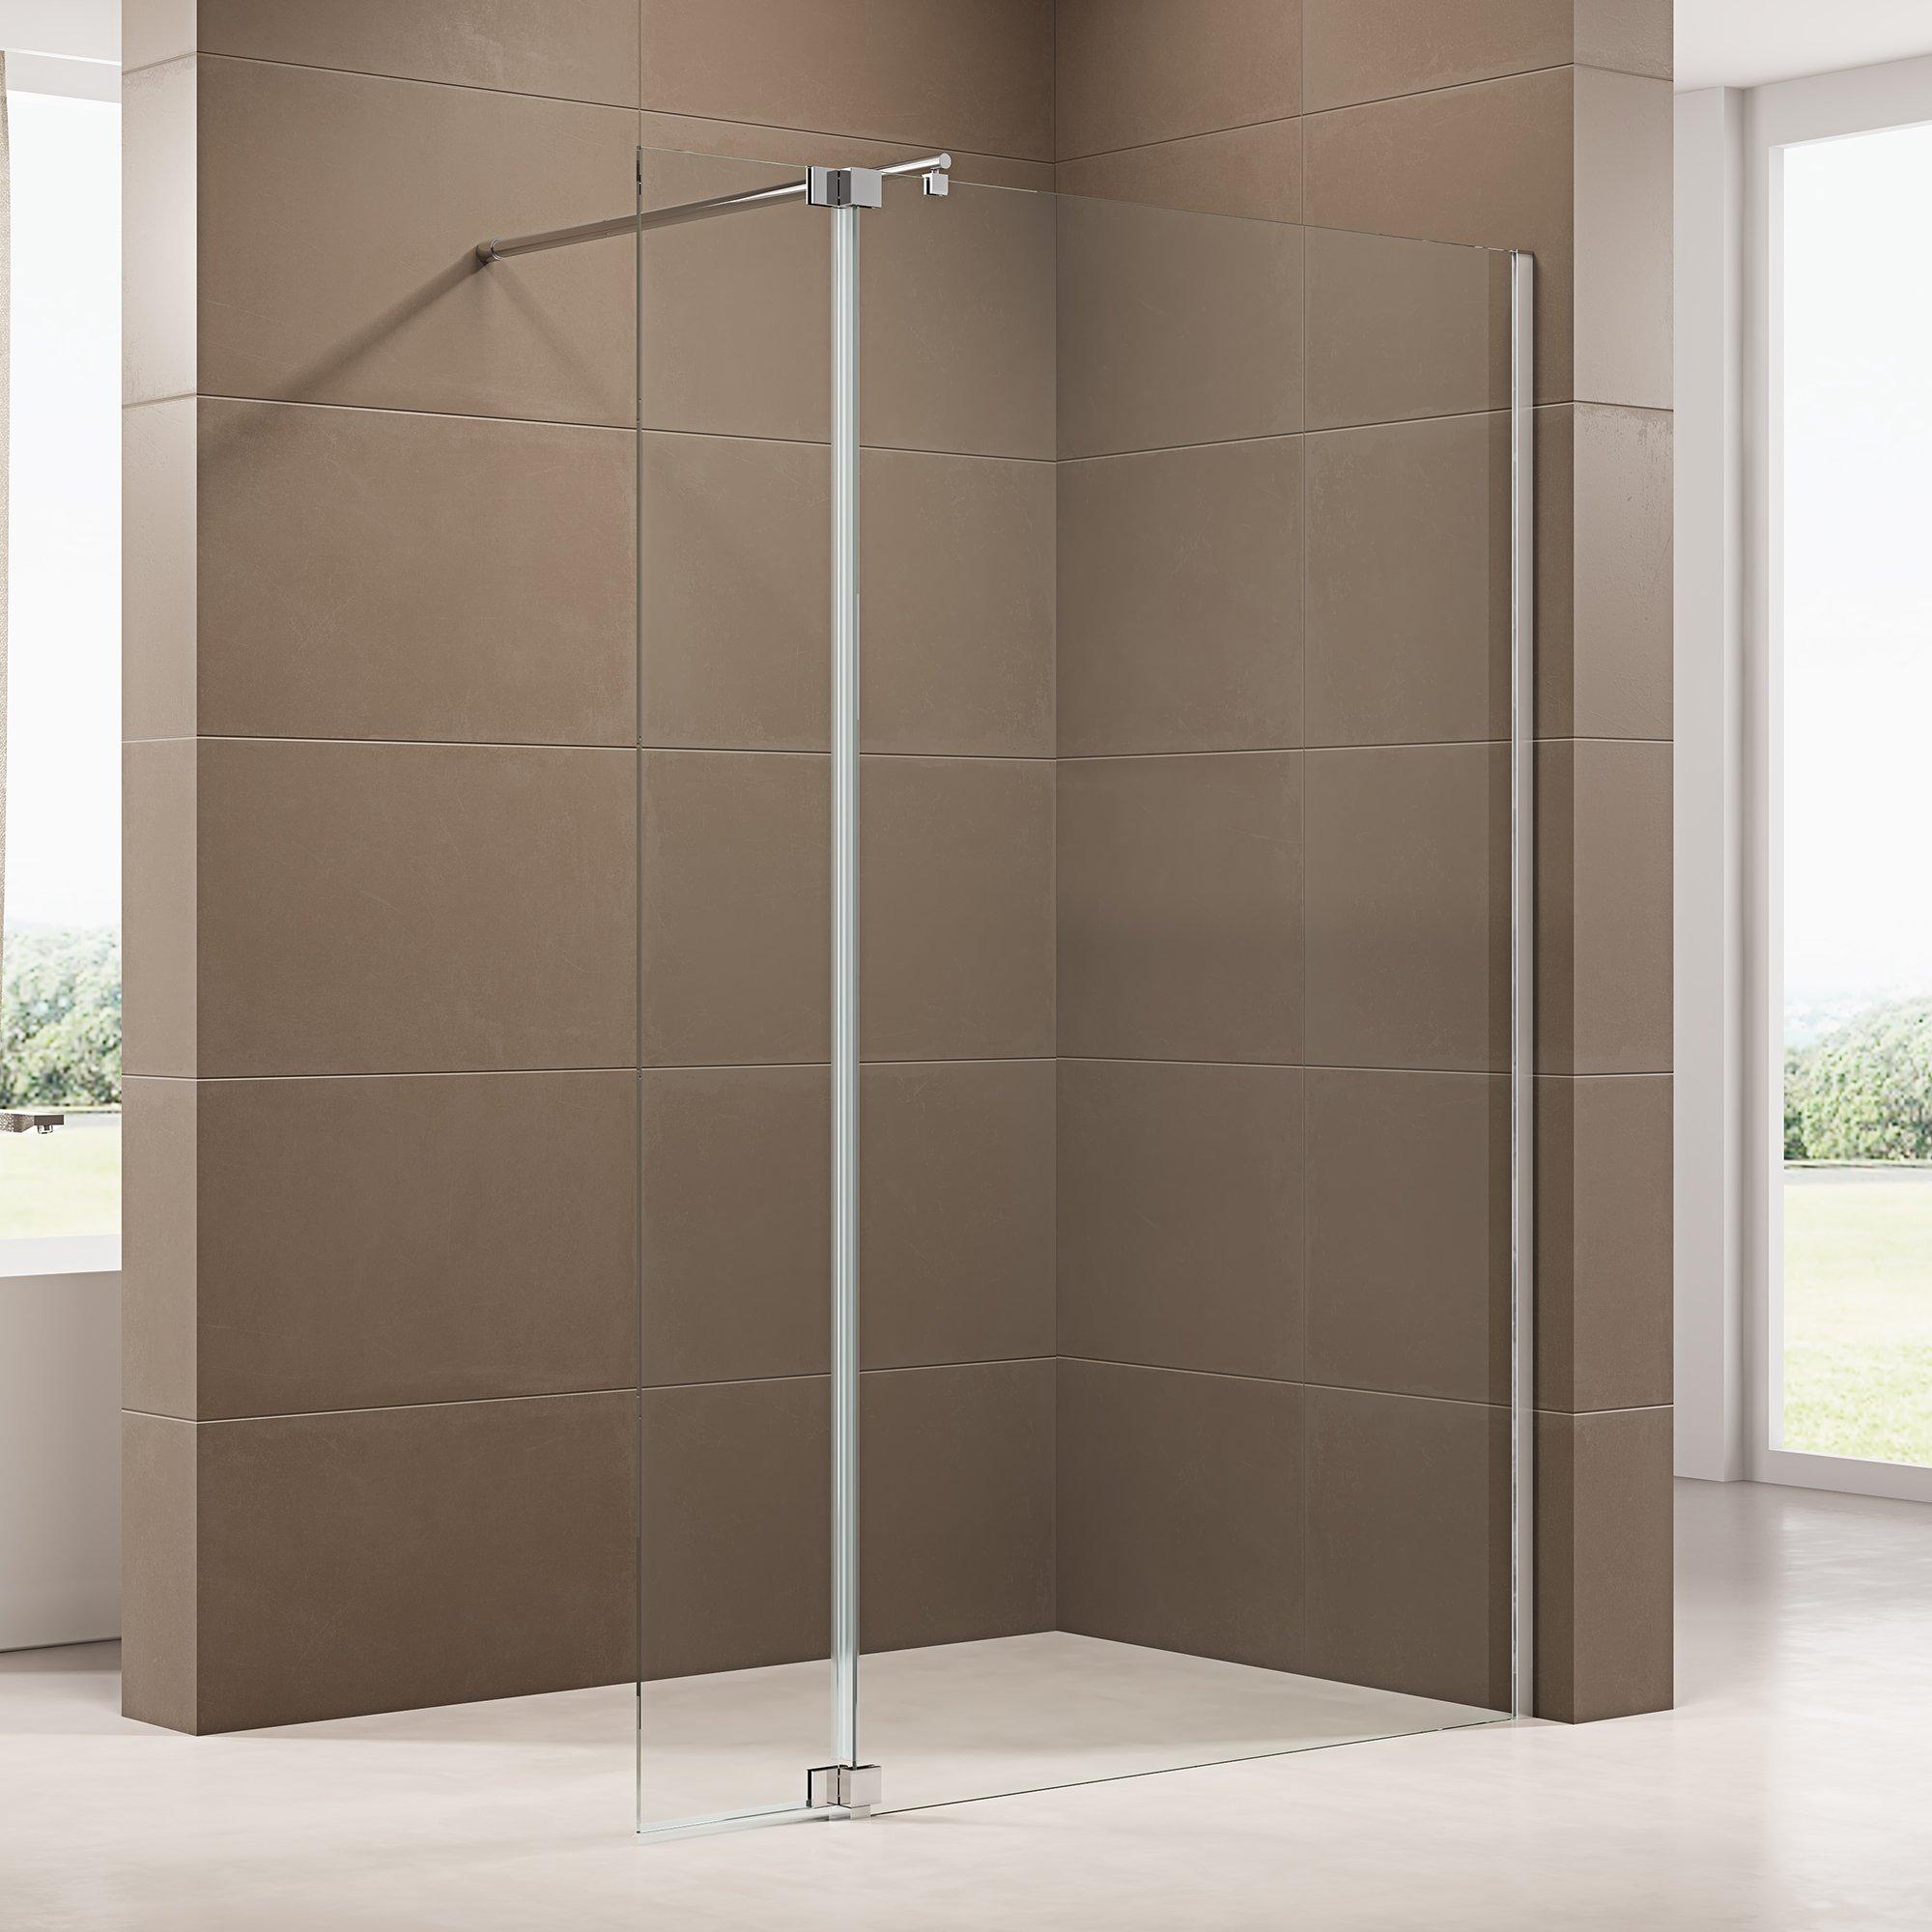 Duschabtrennung Walk-In-Dusche mit Spritzschutz NT109 8mm ESG-Glas